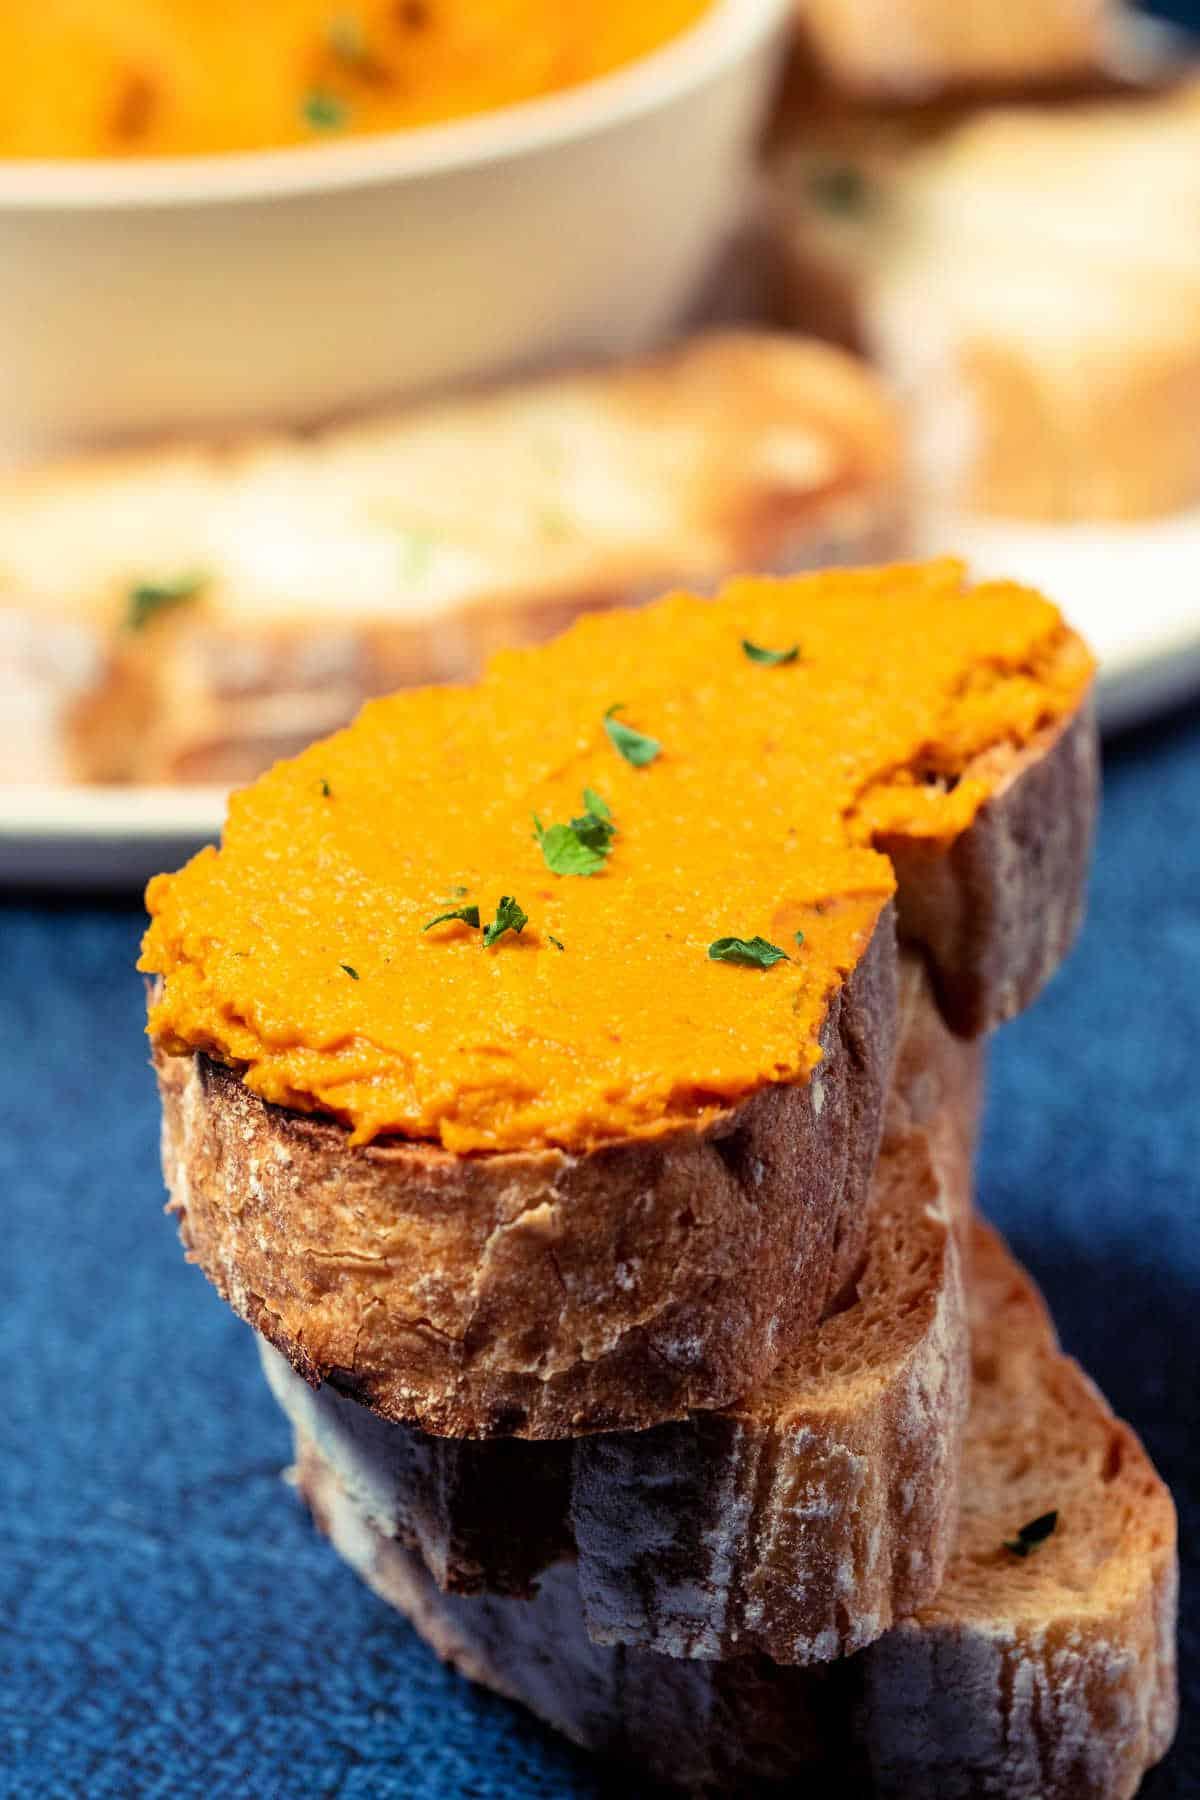 Vegan pâté spread on toast.